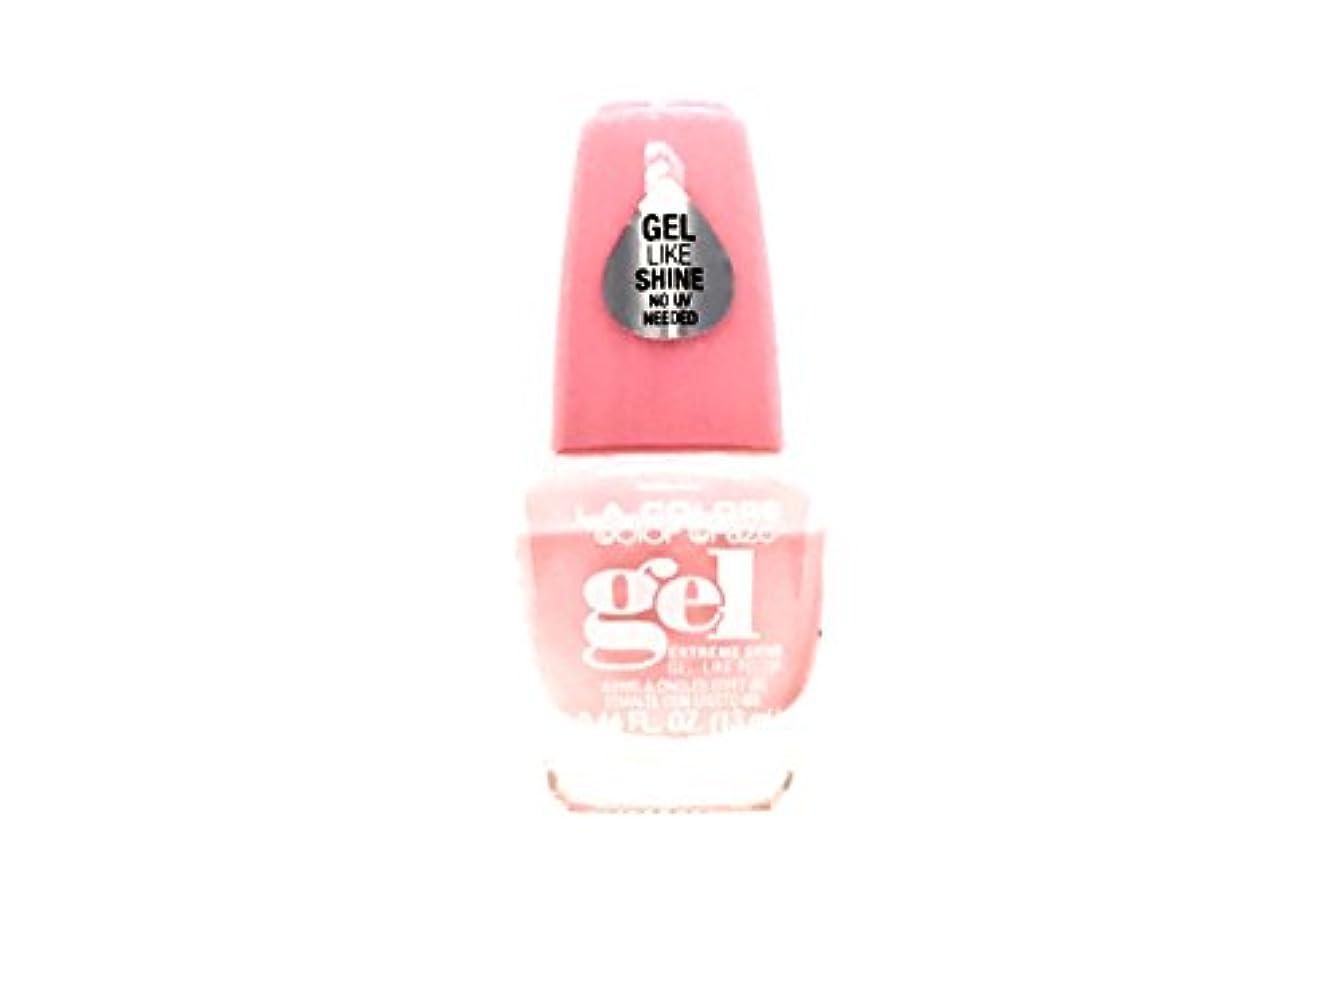 ローン批判的にパートナーLA Colors 美容化粧品21 Cnp742美容化粧品21 0.44 fl。 oz。 (13ml) スウィートハート(cnp742)